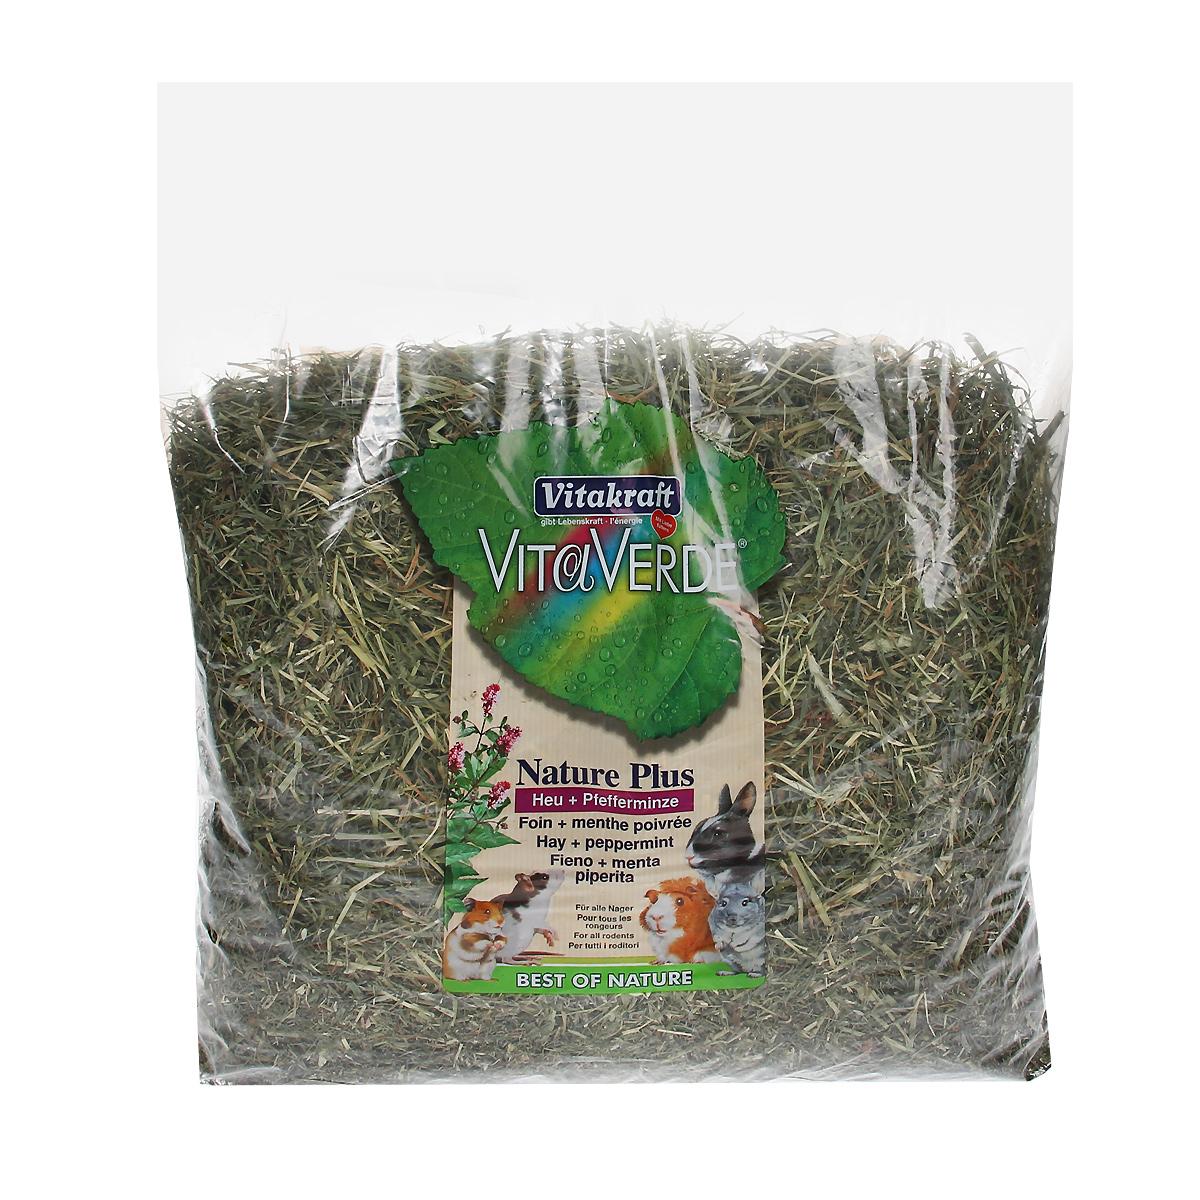 Сено луговое Vitakraft Vita Verde, с перечной мятой, 500 г0120710Сено луговое Vitakraft Vita Verde из тщательно отобранных луговых трав с перечной мятой. Мята полезна при проблемах с желудком и кишечником, а также при заболеваниях желчного пузыря и печени. Сено может быть использовано в качестве наполнителя в клетку и в качестве корма. Ежедневно давайте грызунам свежую порцию сена. Состав: сено.Вес: 500 г.Товар сертифицирован.